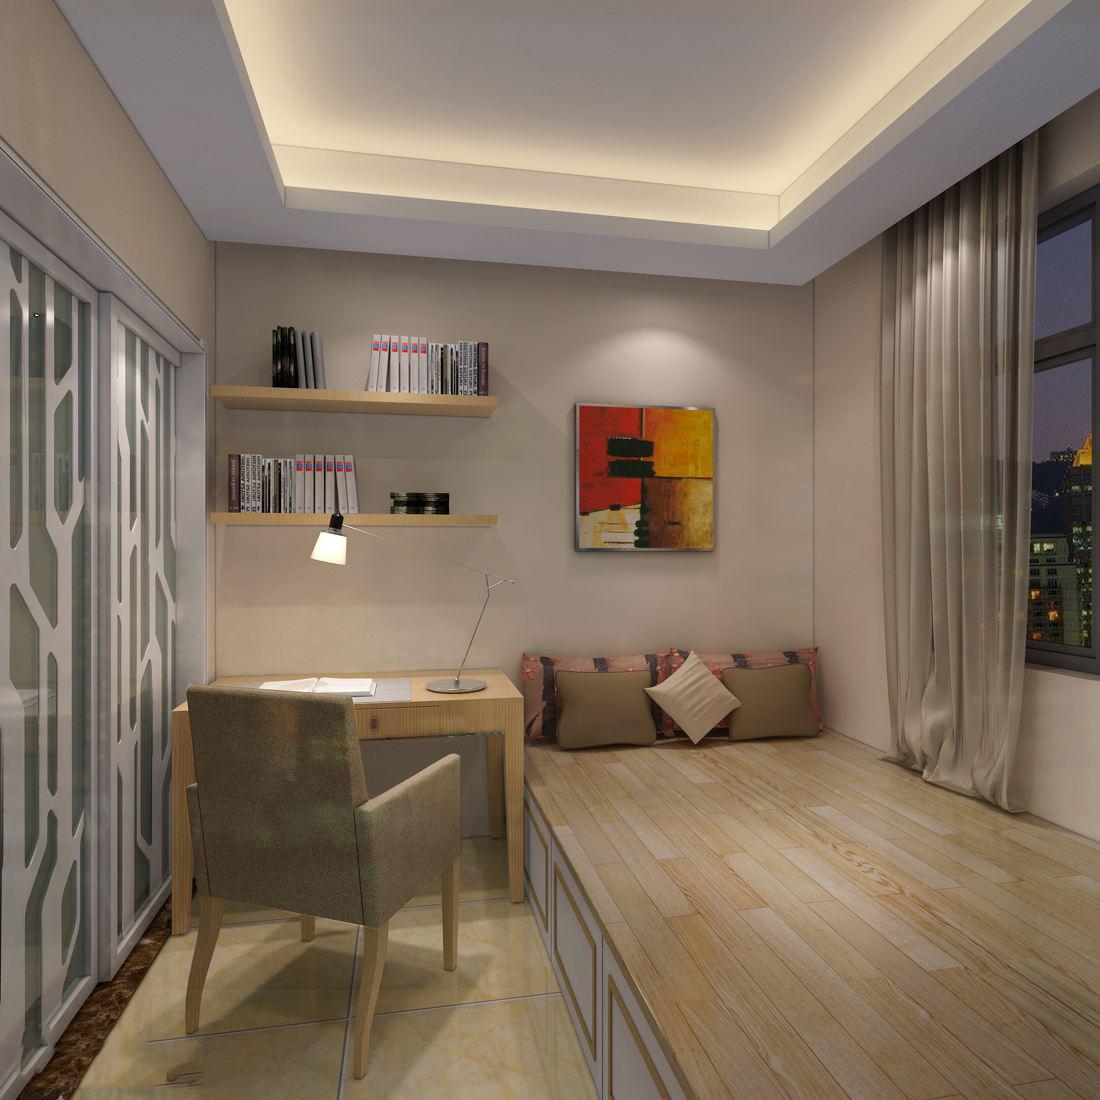 小户型客厅榻榻米装修效果图,小户型榻榻米床装修效果图